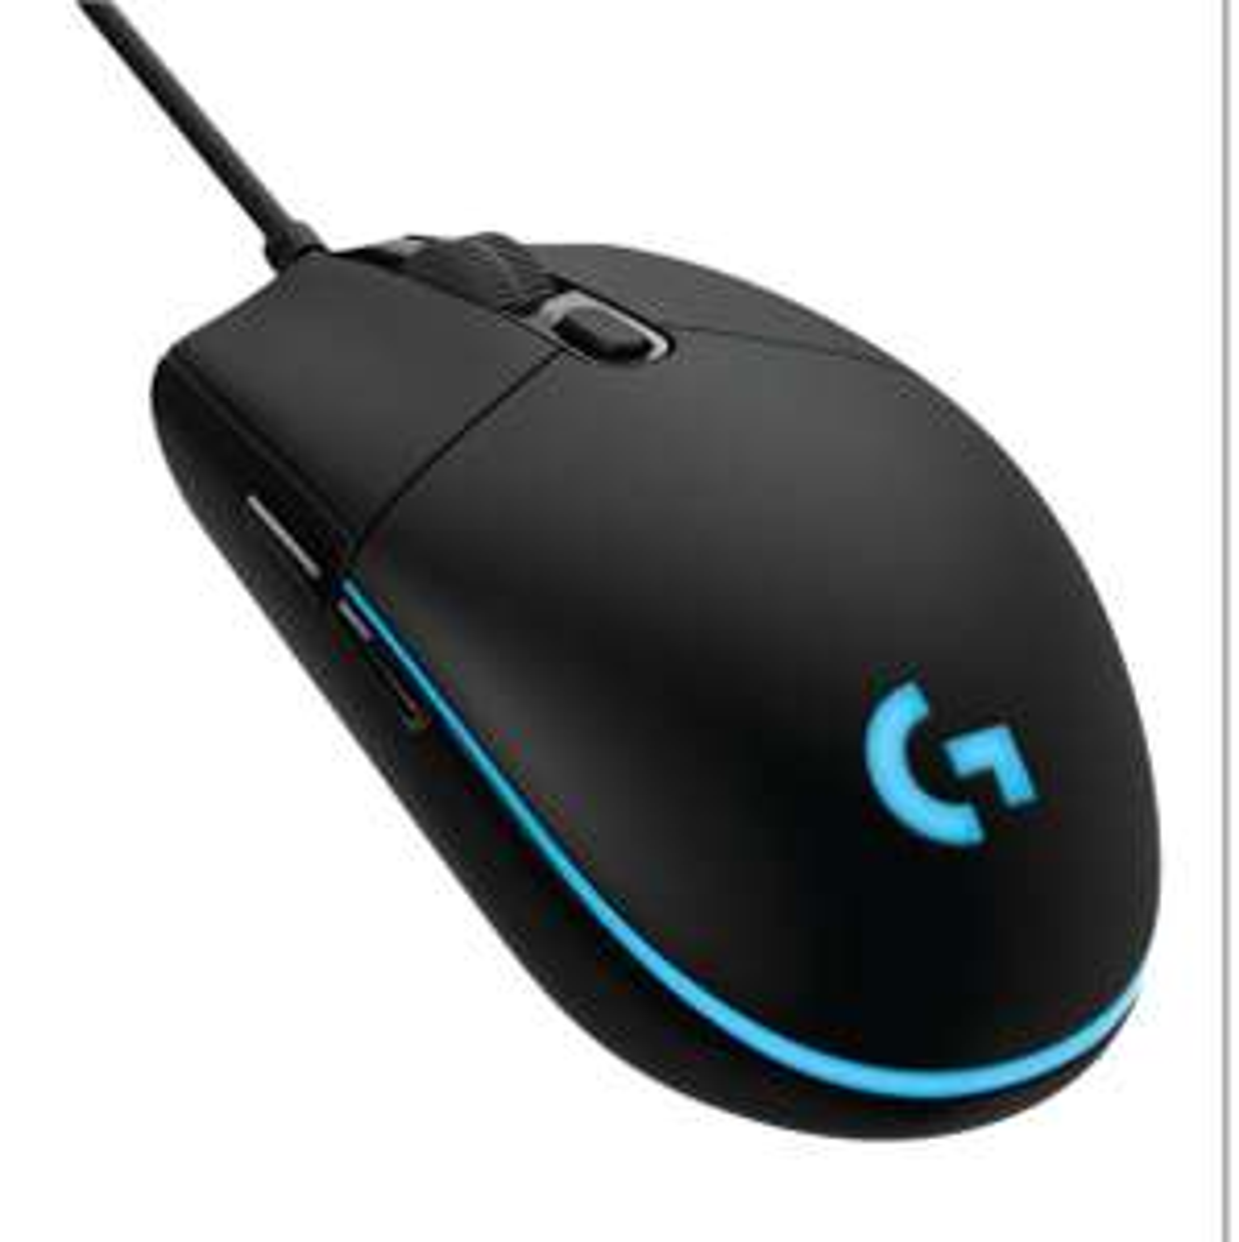 [amazon.de] Logitech G Pro Gaming-Maus / Optischer Sensor, 12.000 DPI / 6 programmierbaren Tasten / Schwarz reduziert auf 54,99 €